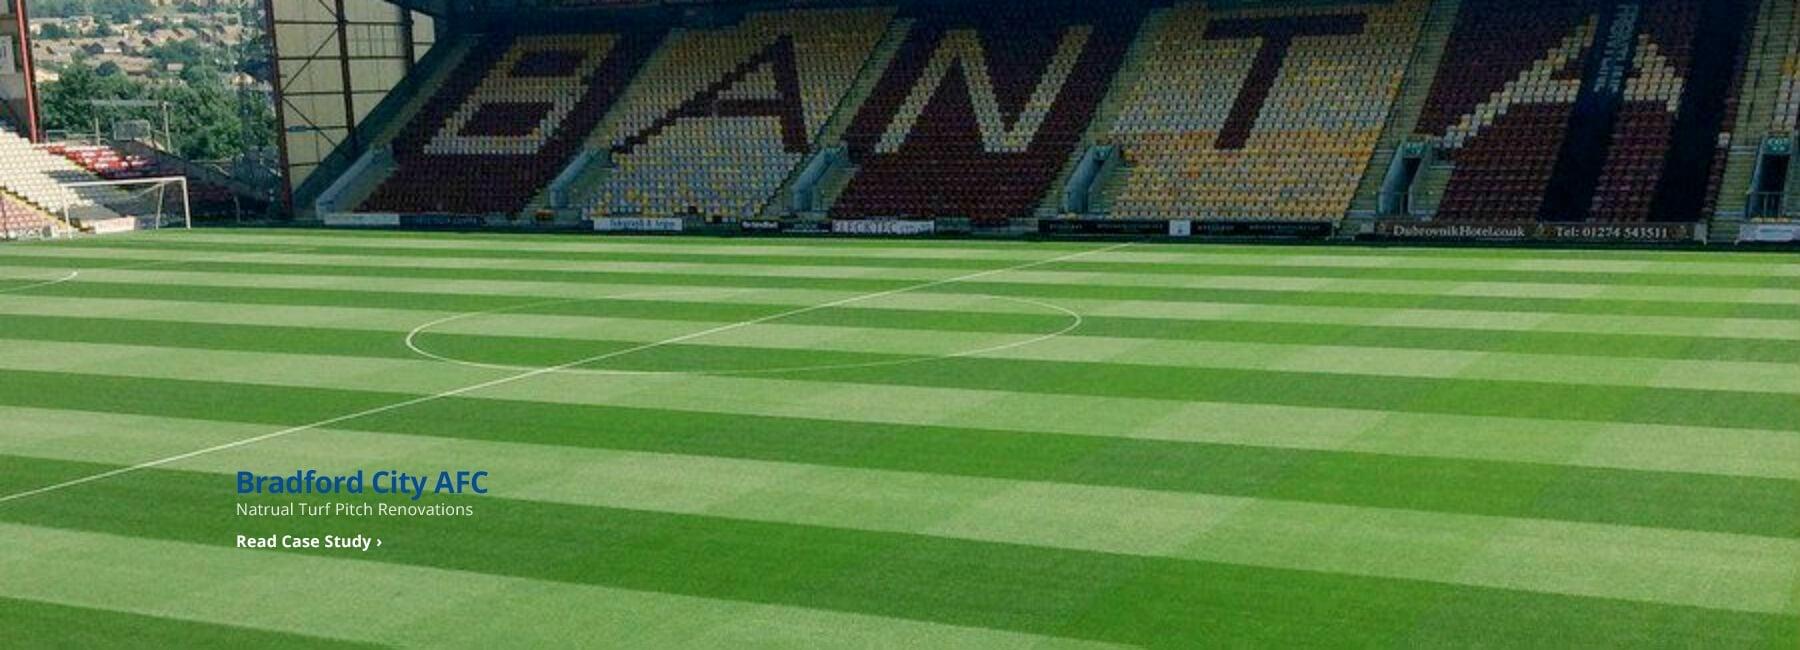 Bradford AFC